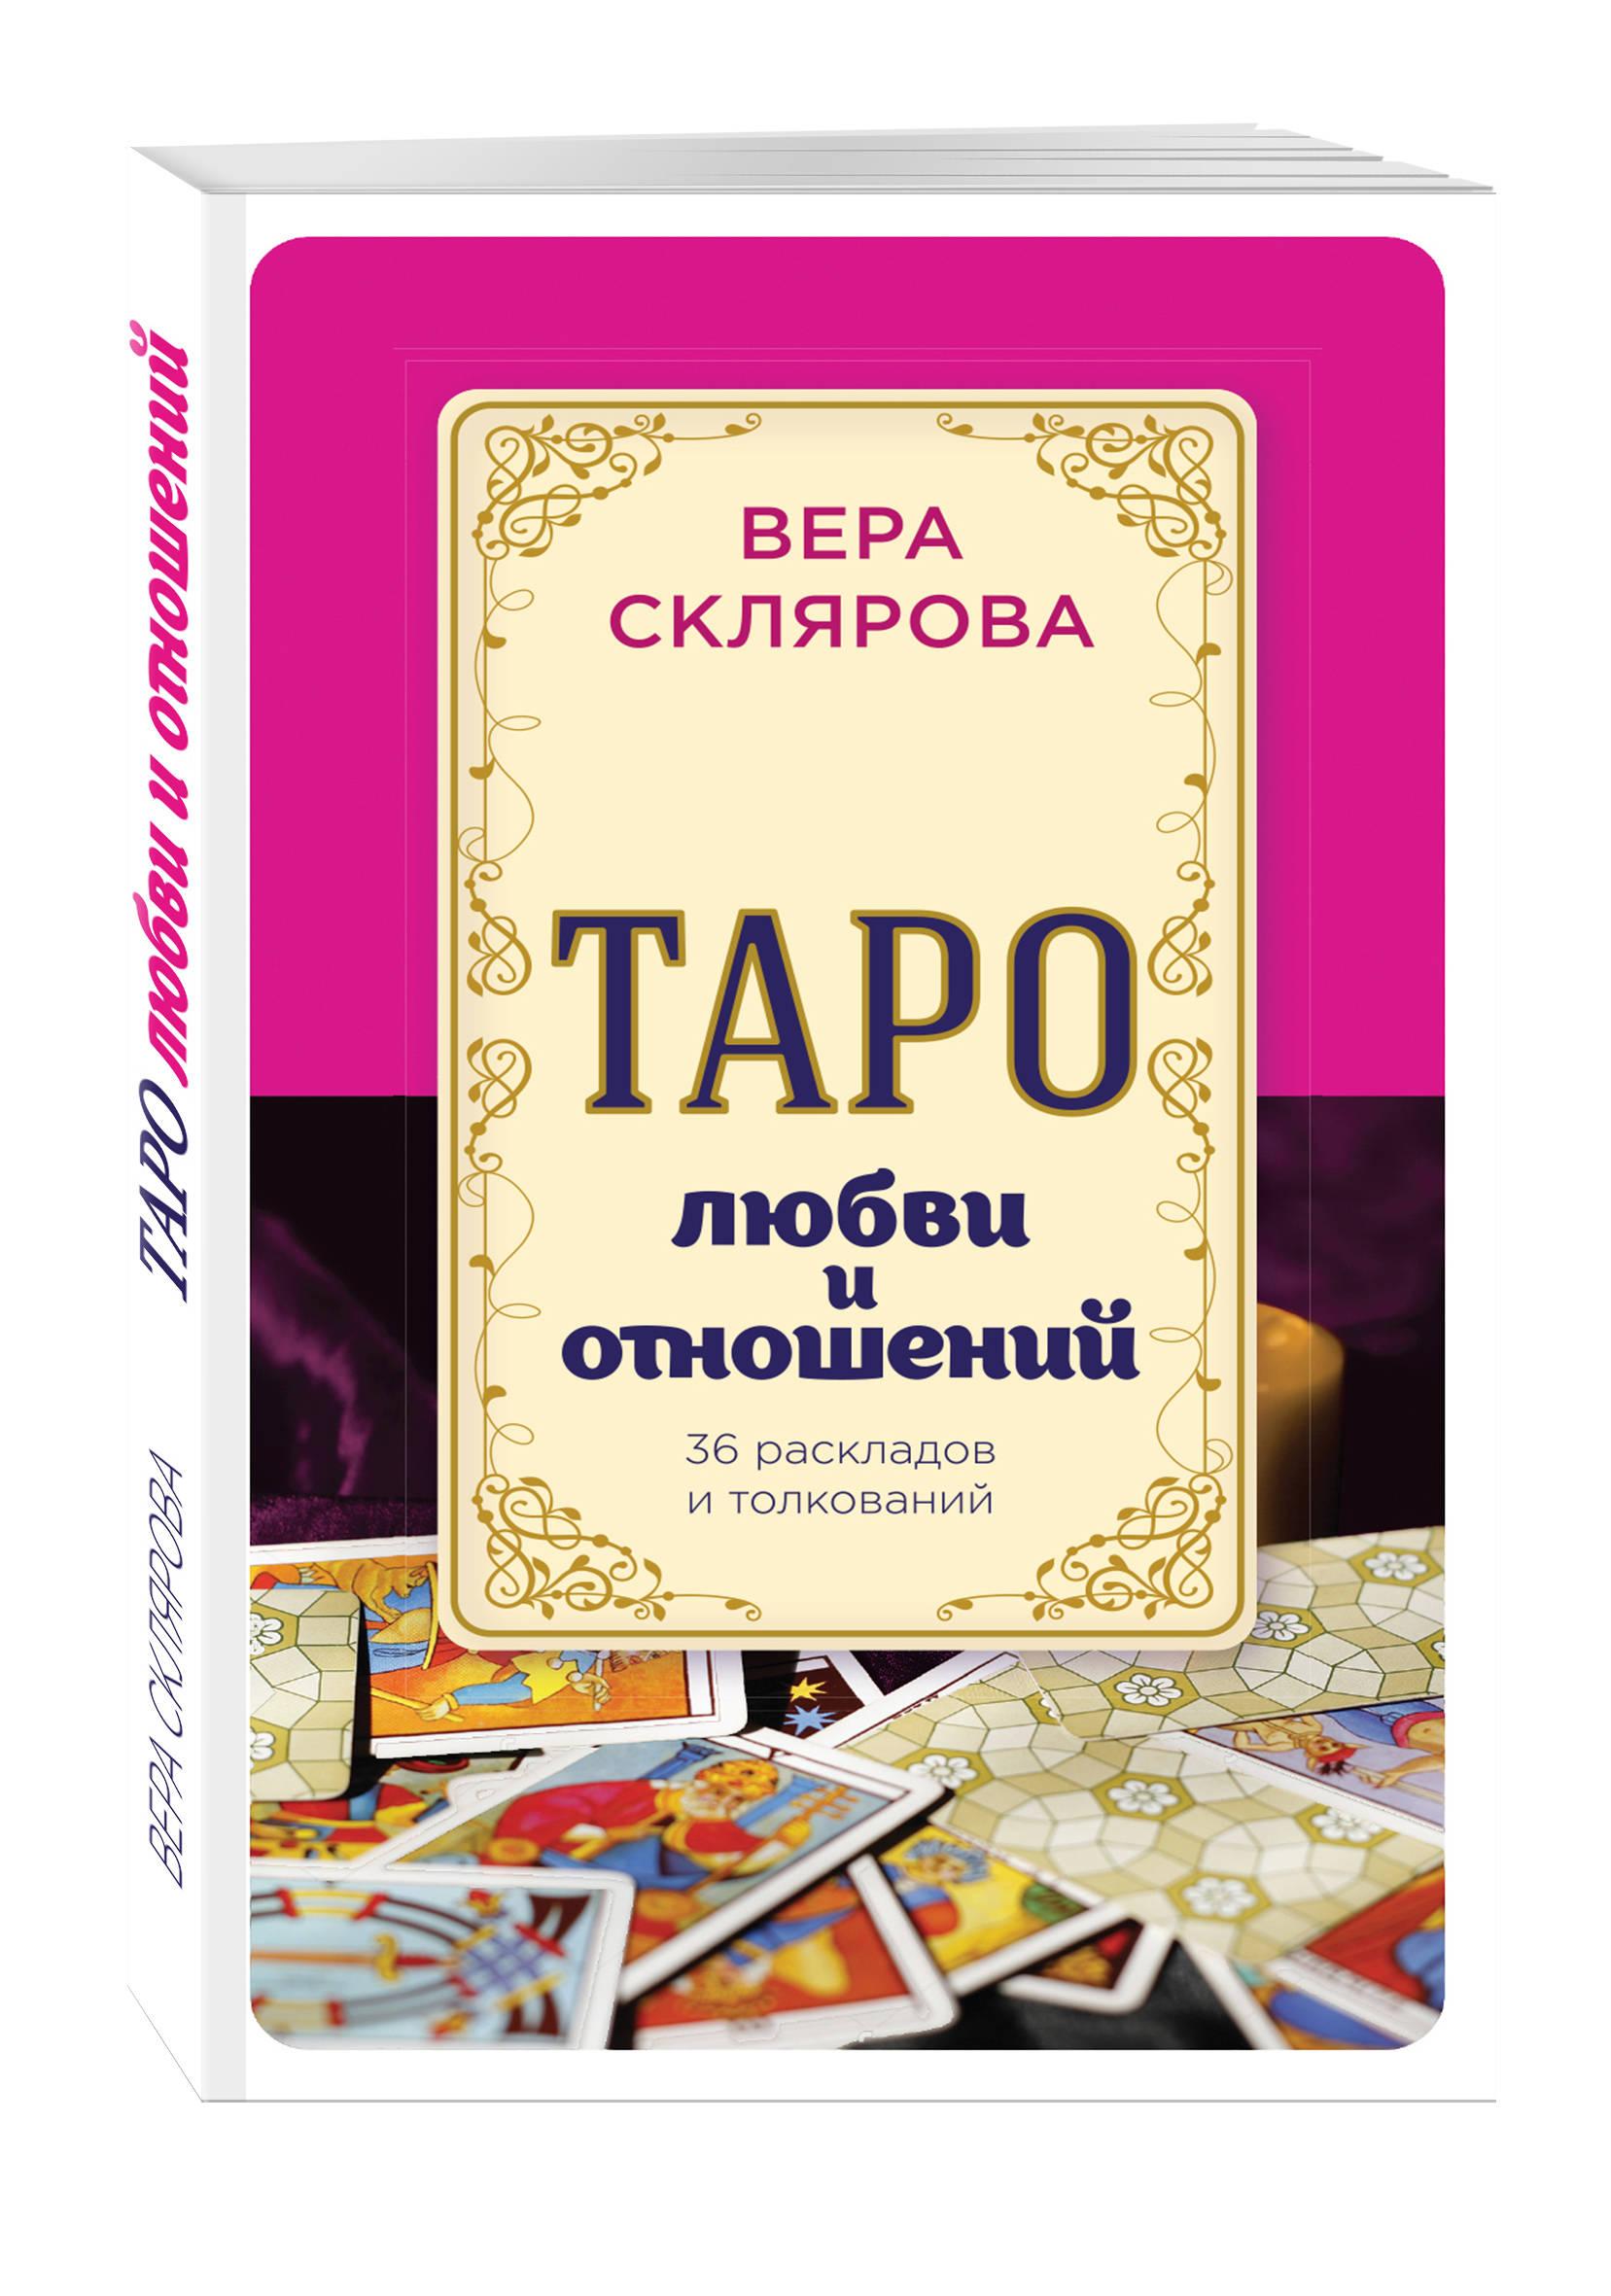 Таро любви и отношений ( Вера Склярова  )